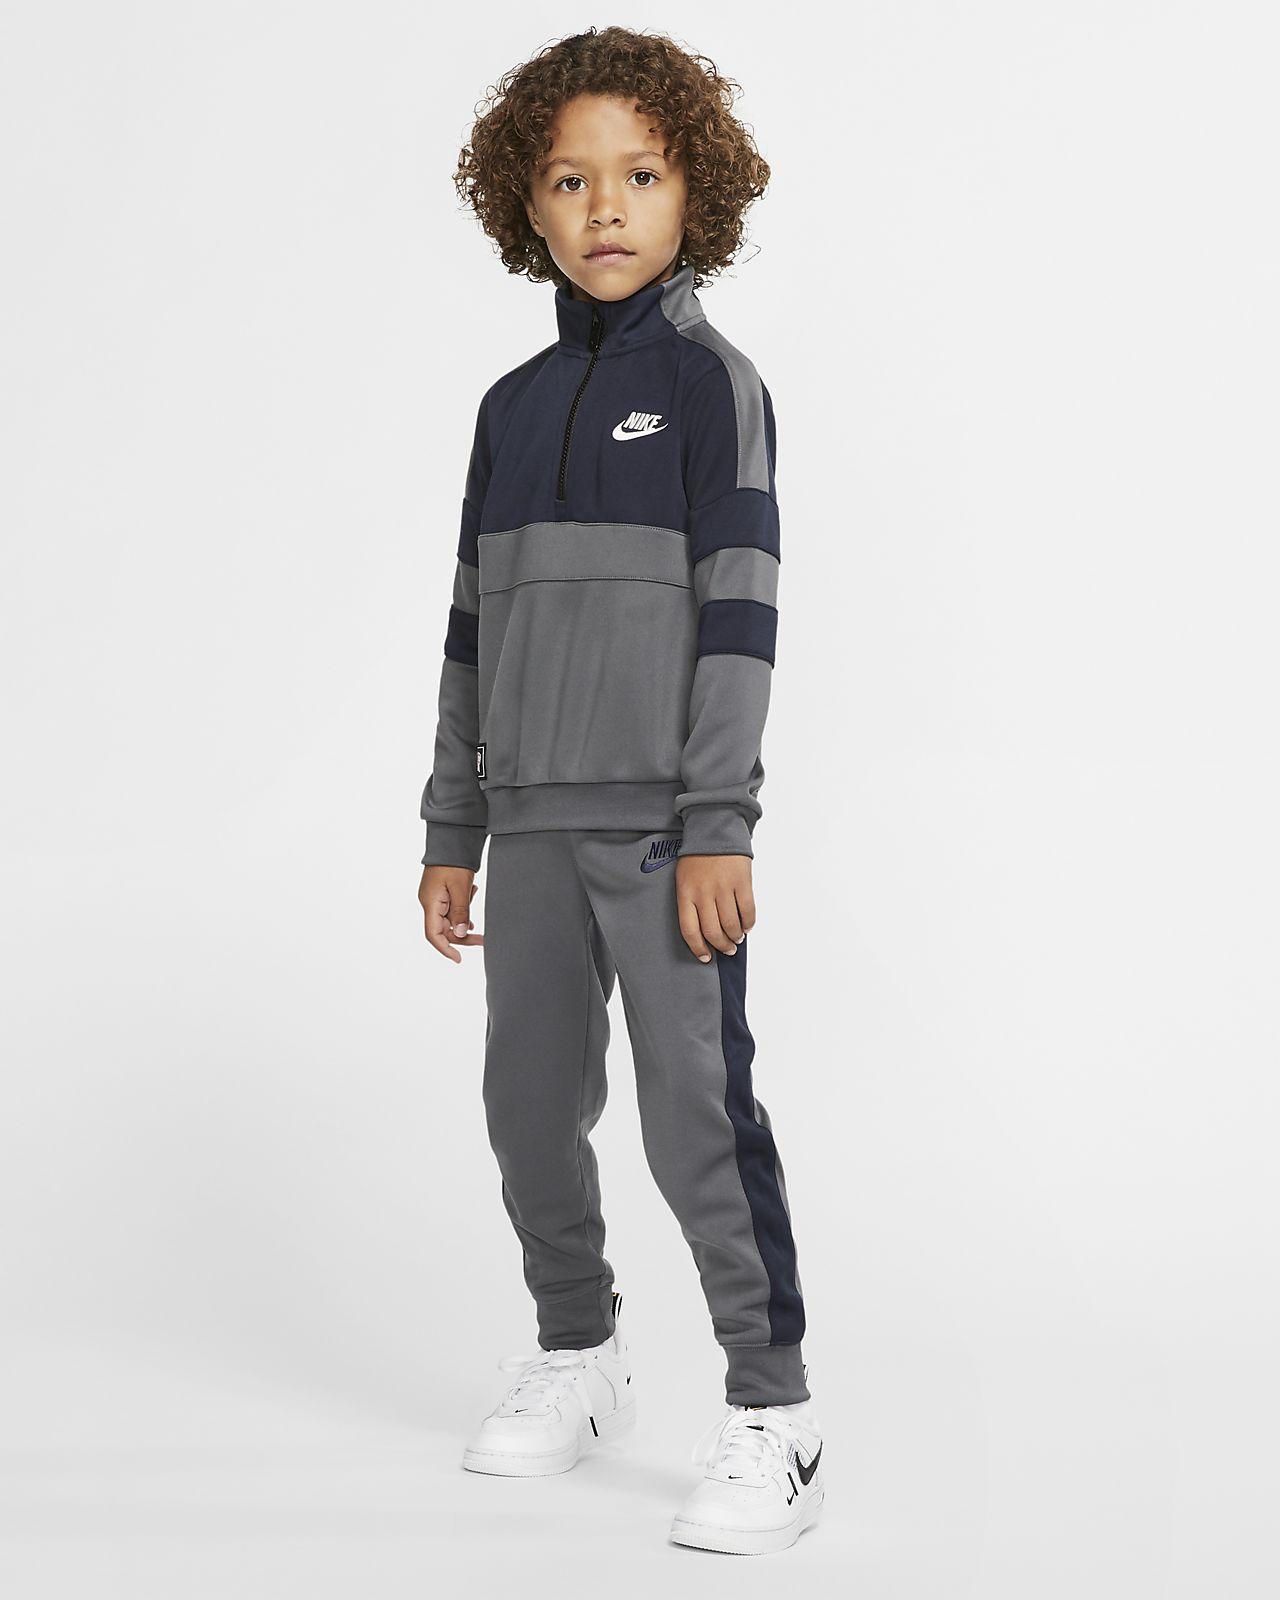 Dvoudílná souprava Nike Air pro malé děti